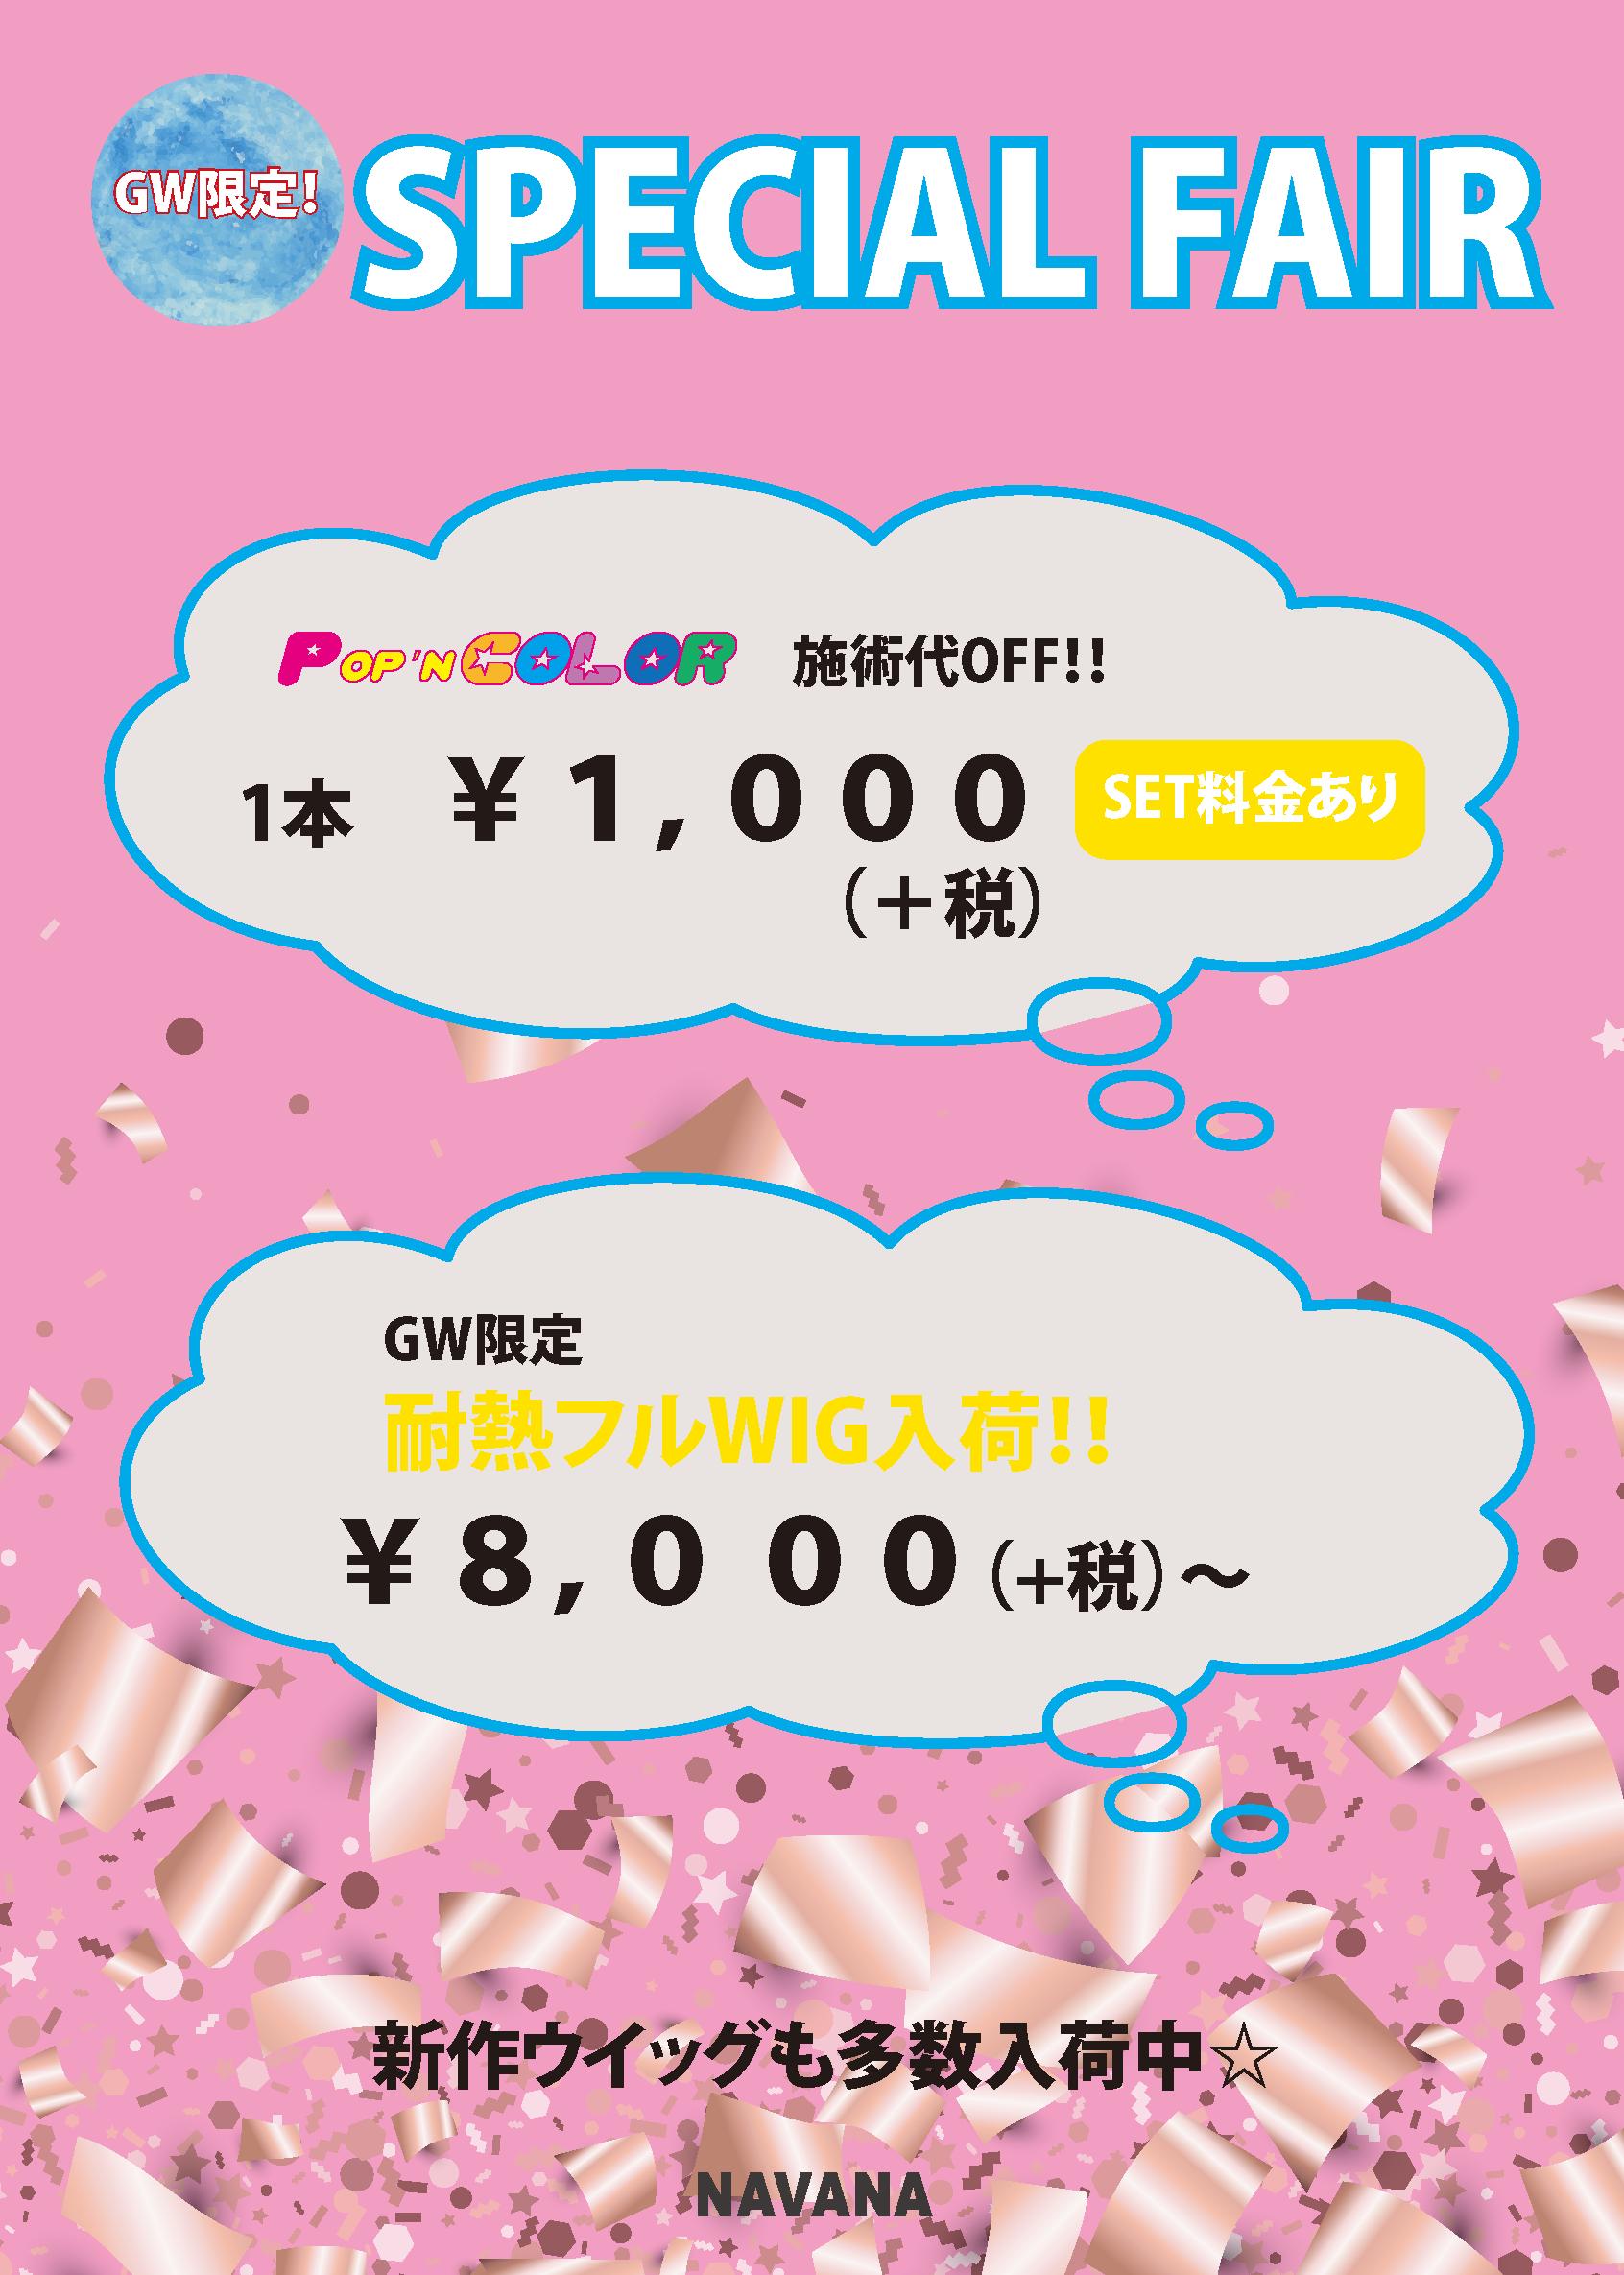 ゴールデンウィーク★SPECIAL FAIR開催中!!